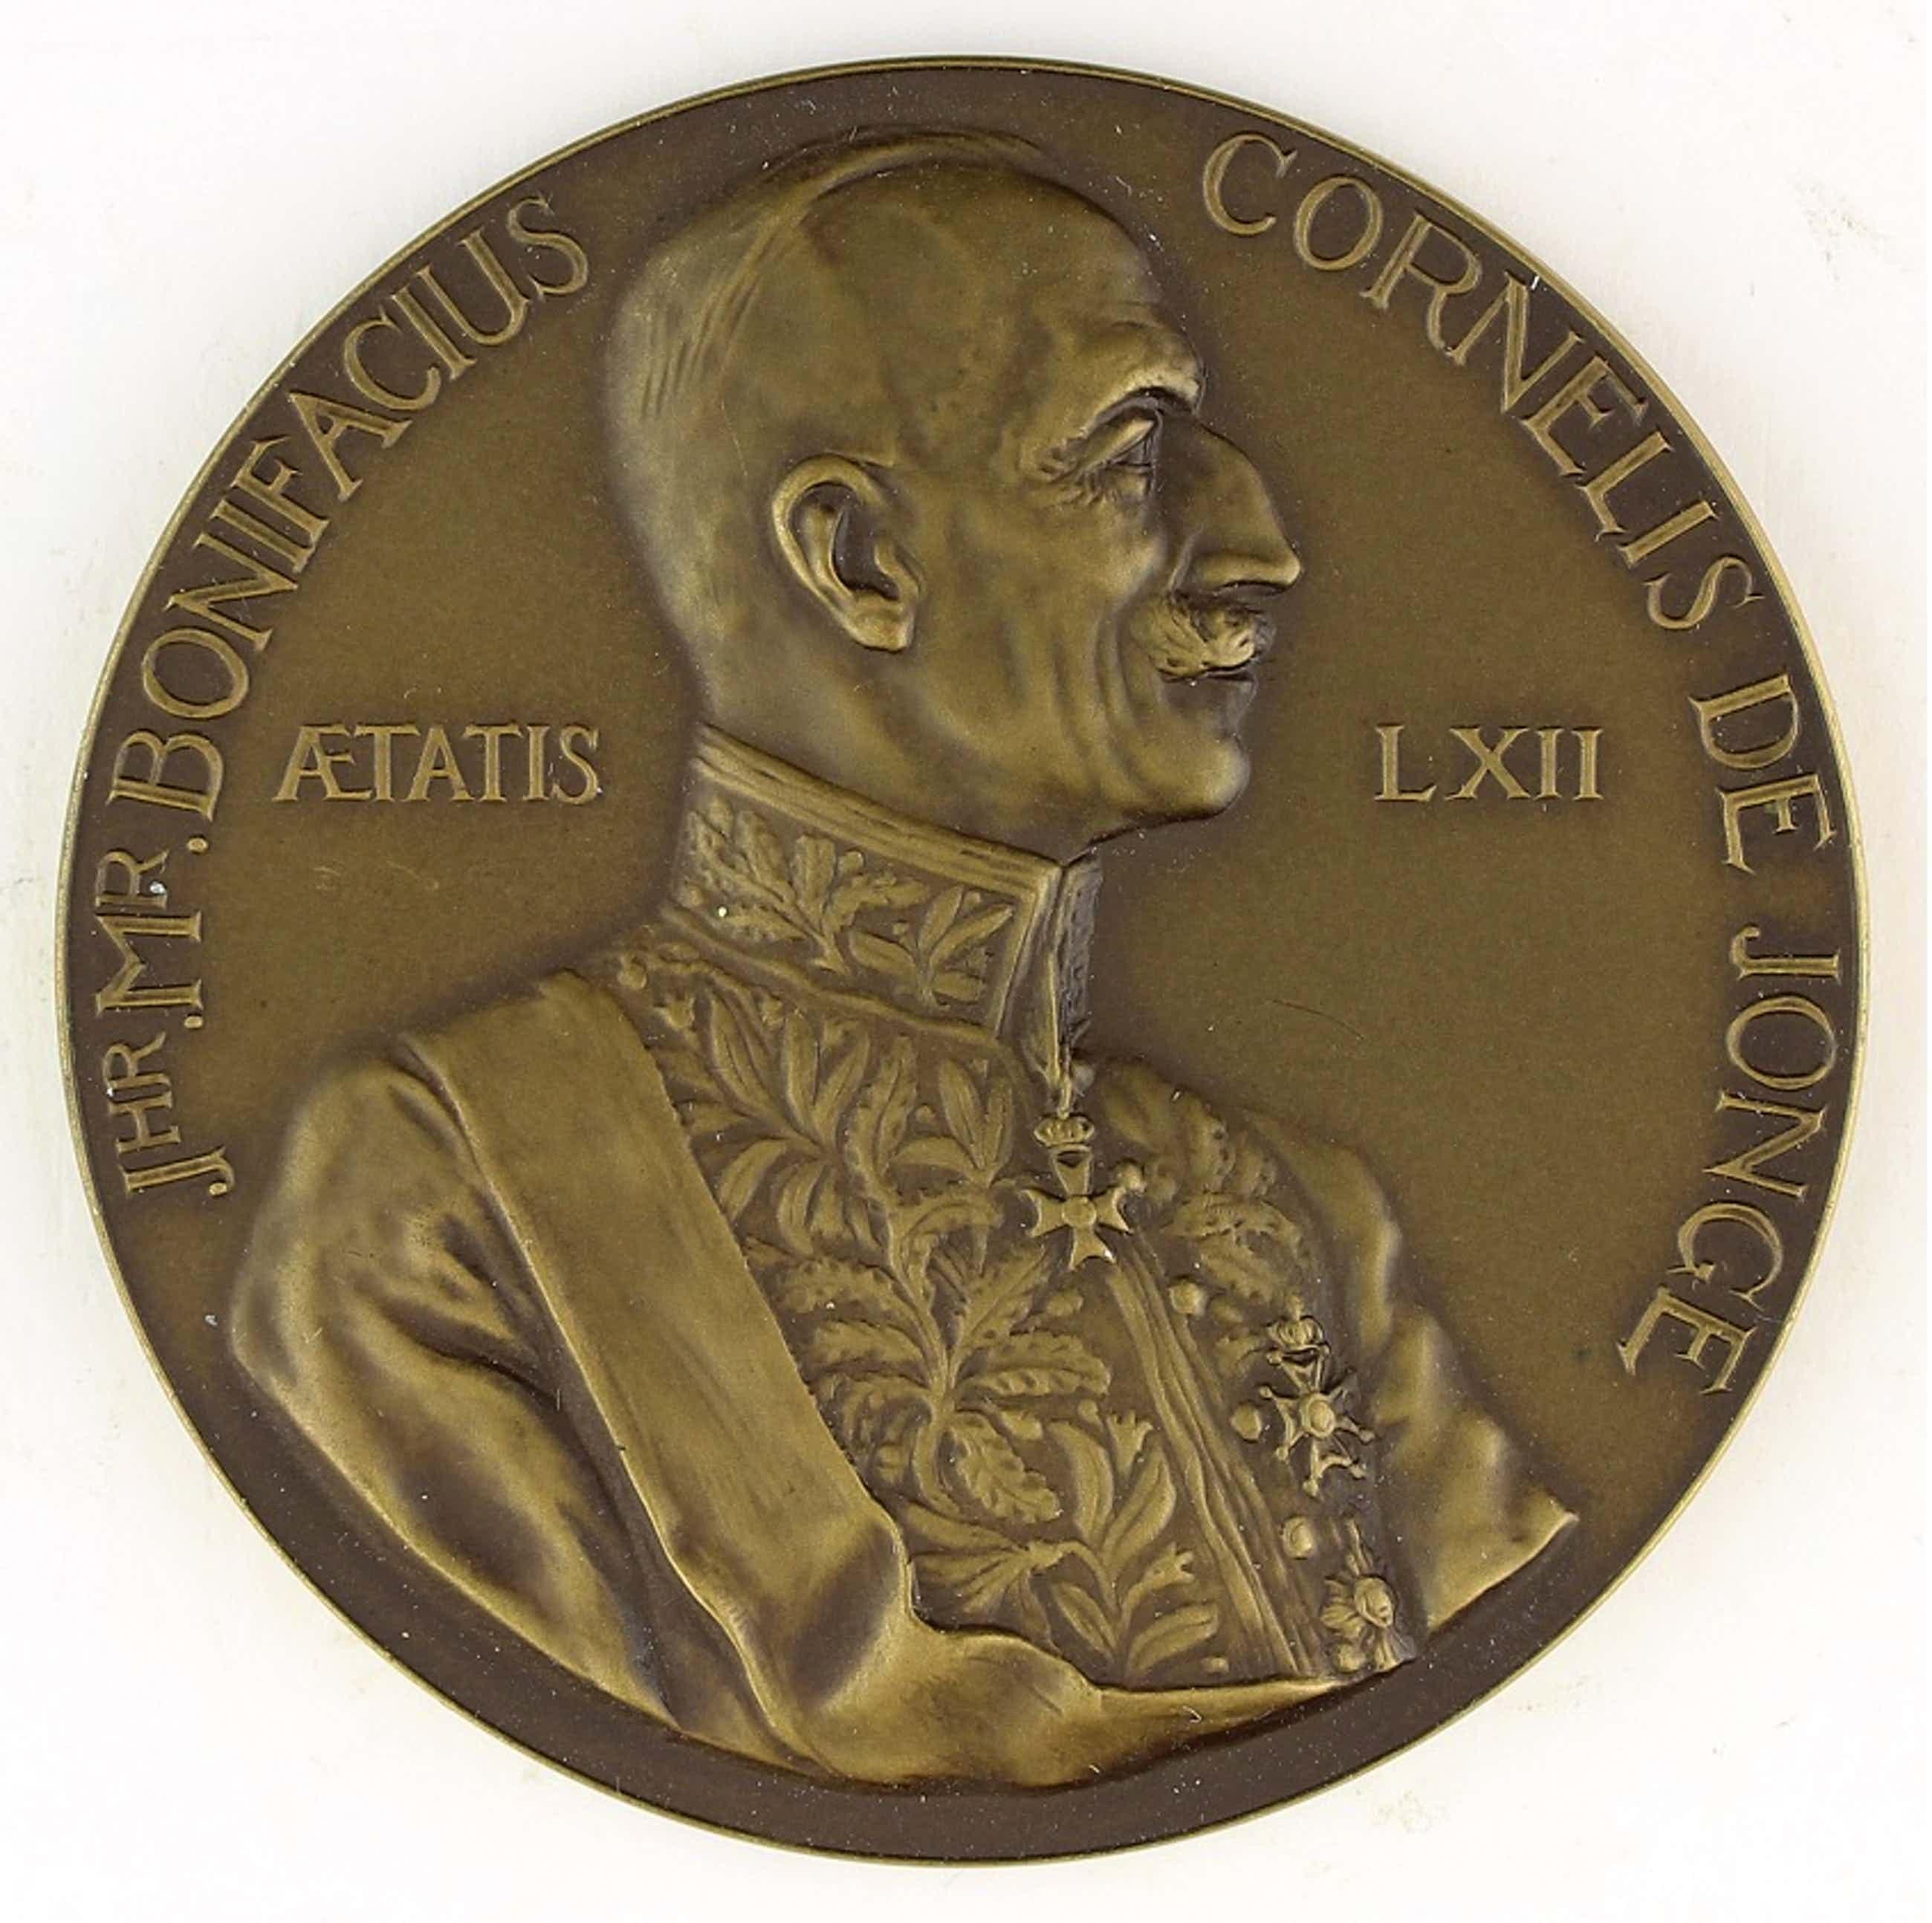 Oswald Wenckebach - Bronzen penning: Jhr. Mr. B.C. De Jonge, 1937 kopen? Bied vanaf 50!